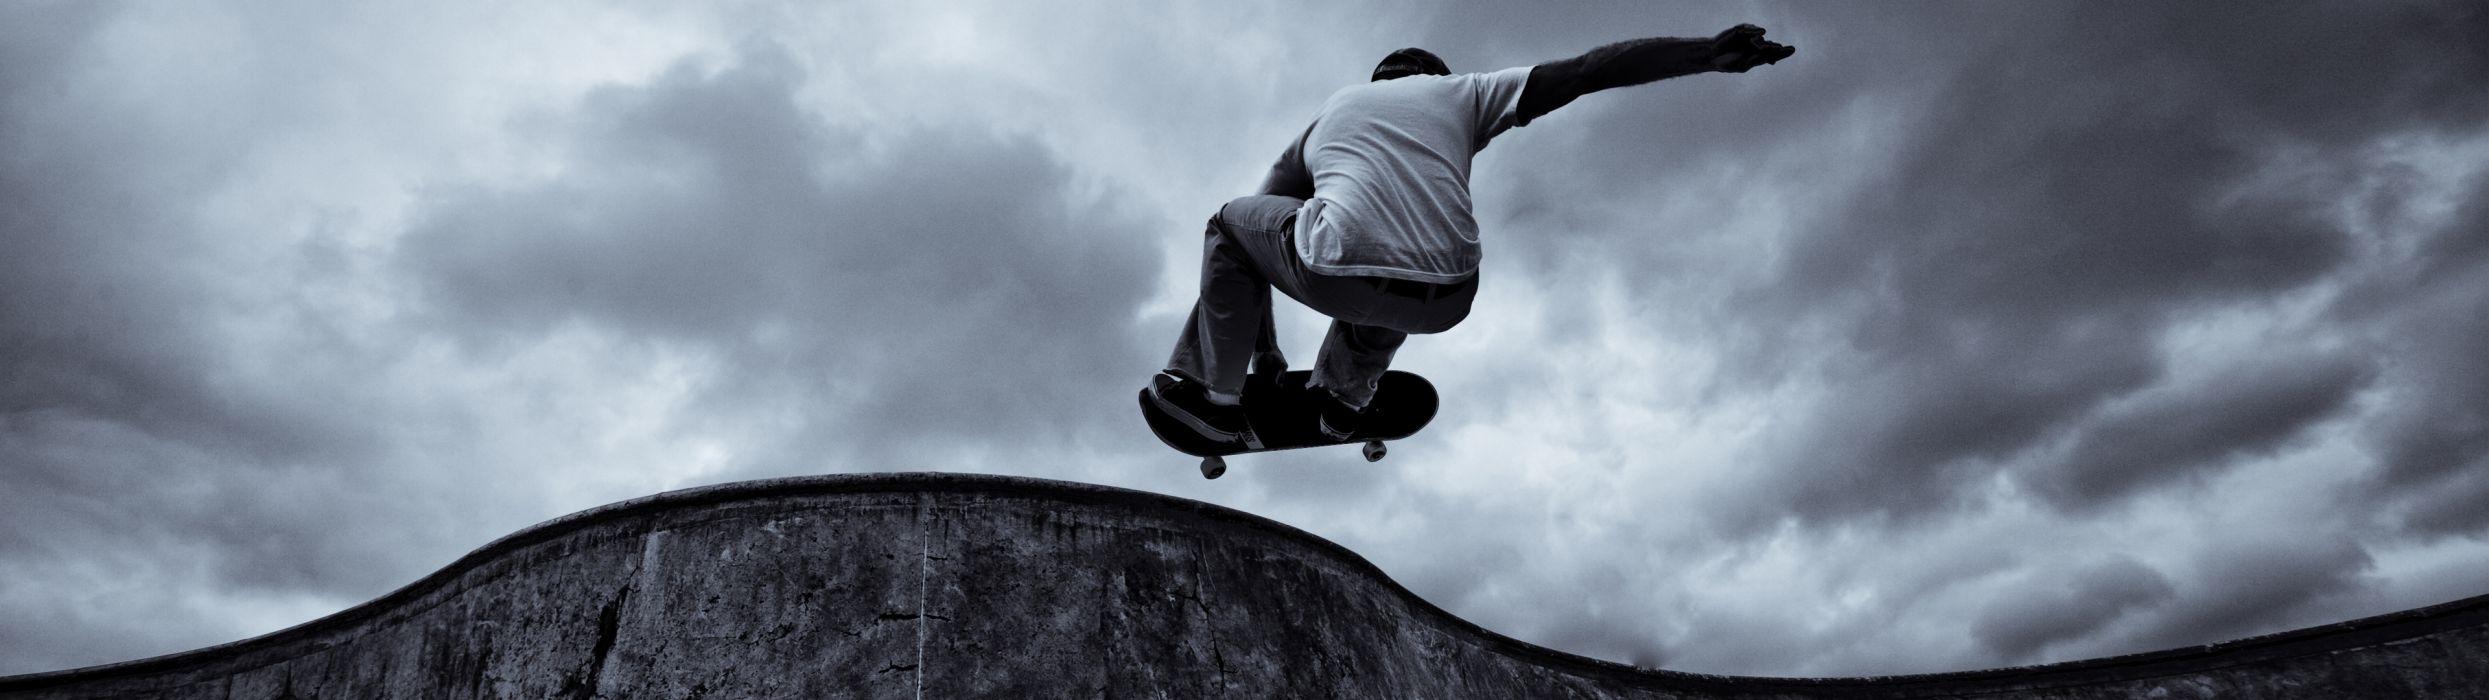 skateboarding monochrome wallpaper